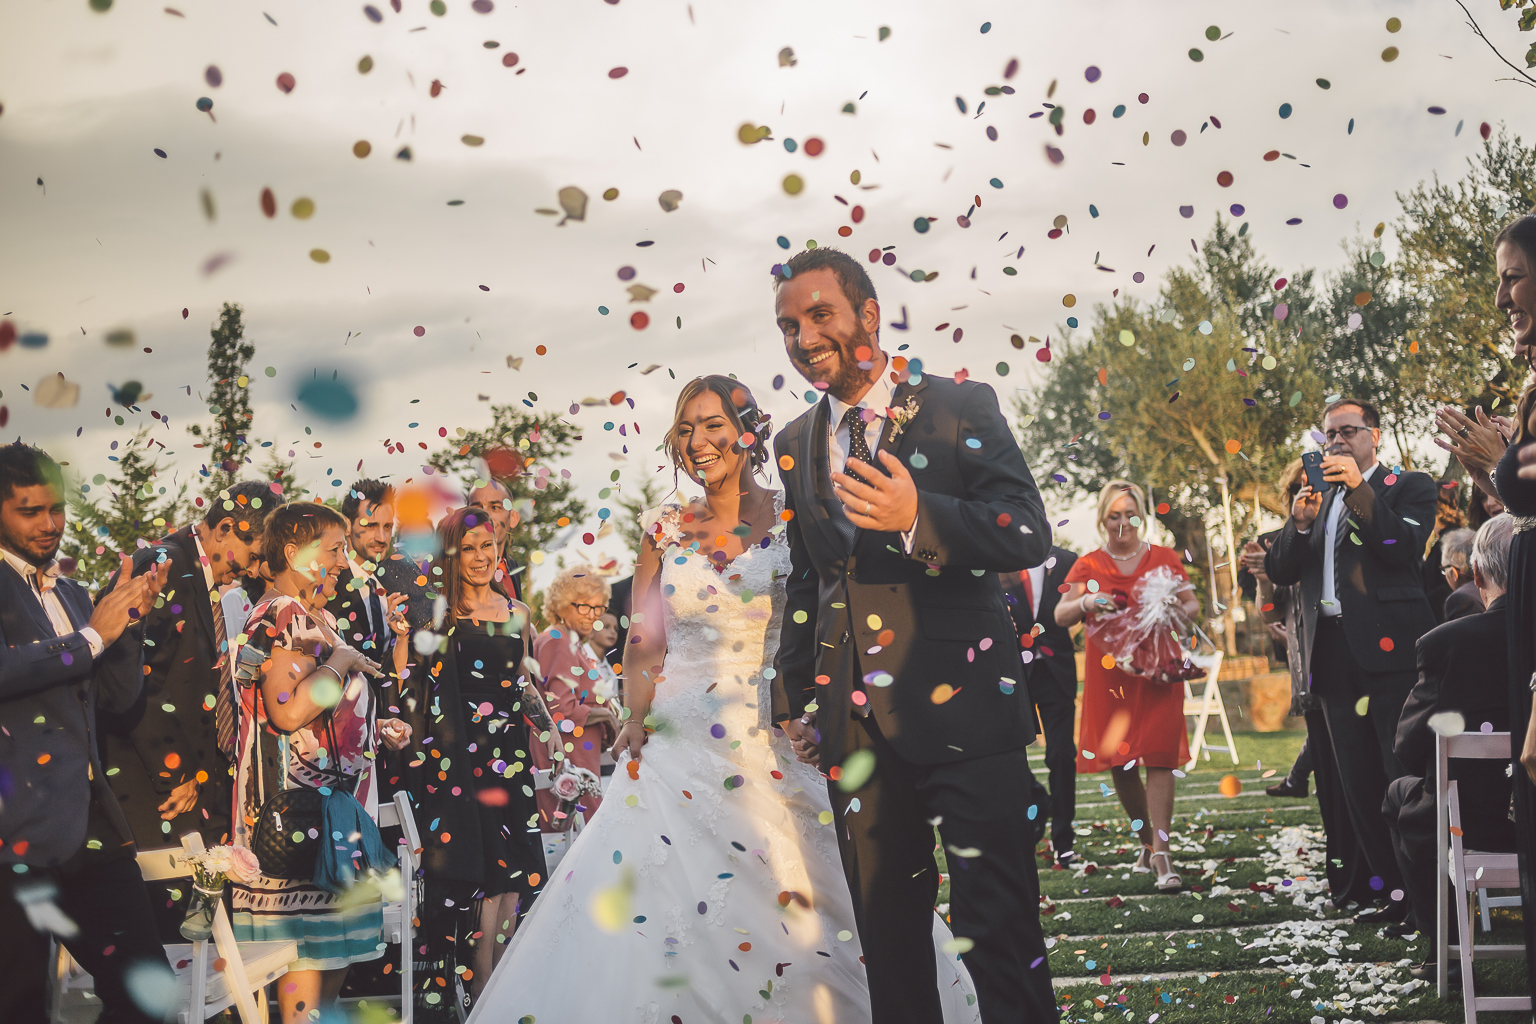 fotógrafo de bodas barcelona :: cirera d'avall ::: boda en el campo :: boda en una masía :: country elegance :: country wedding ::: boda con estilo